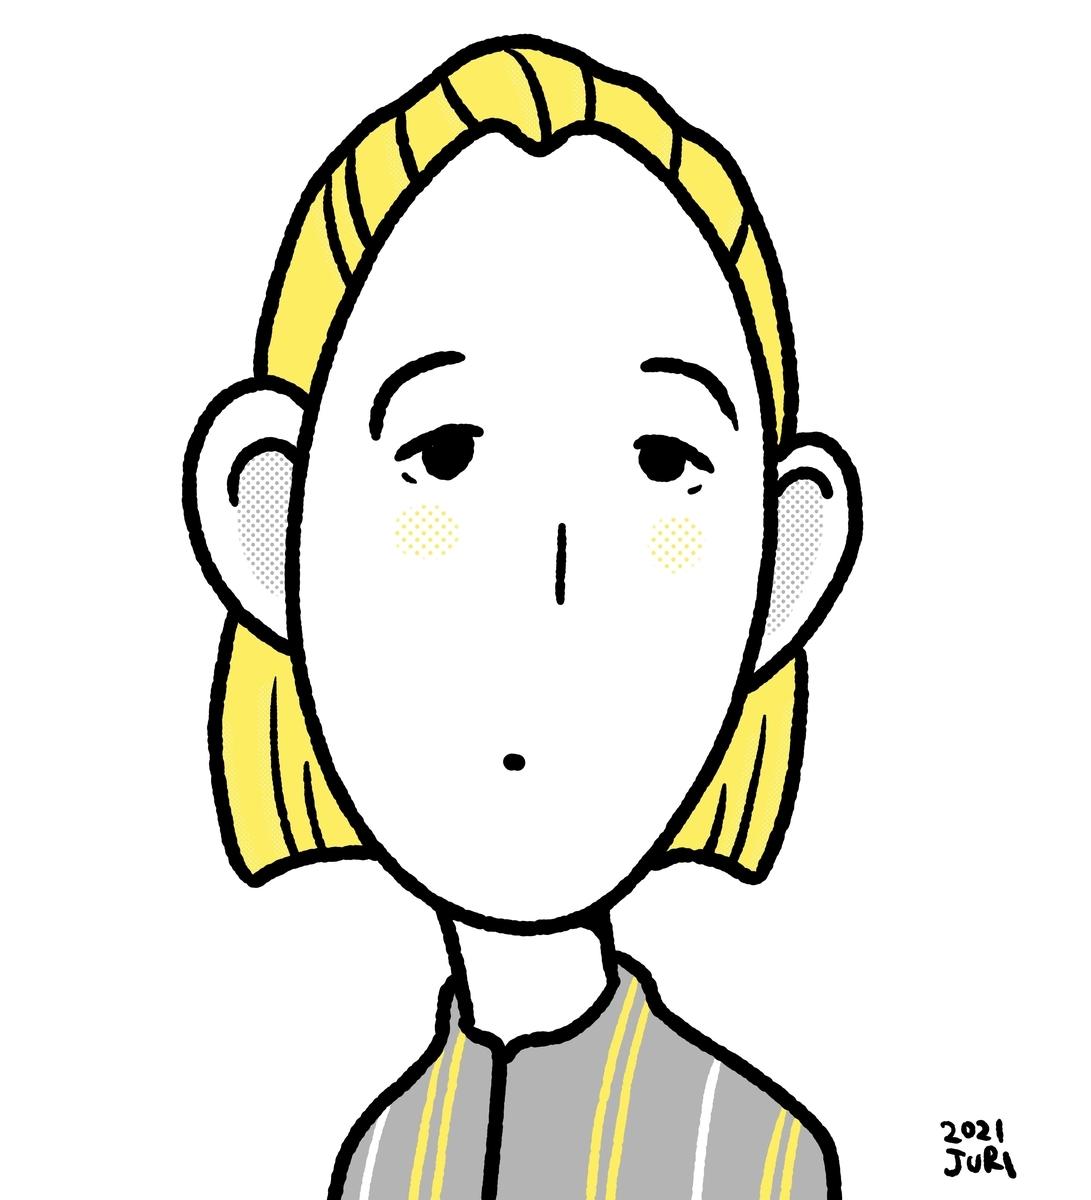 江口のりこの似顔絵 北海道札幌の似顔絵作家高井じゅり 似顔絵ファクトリー